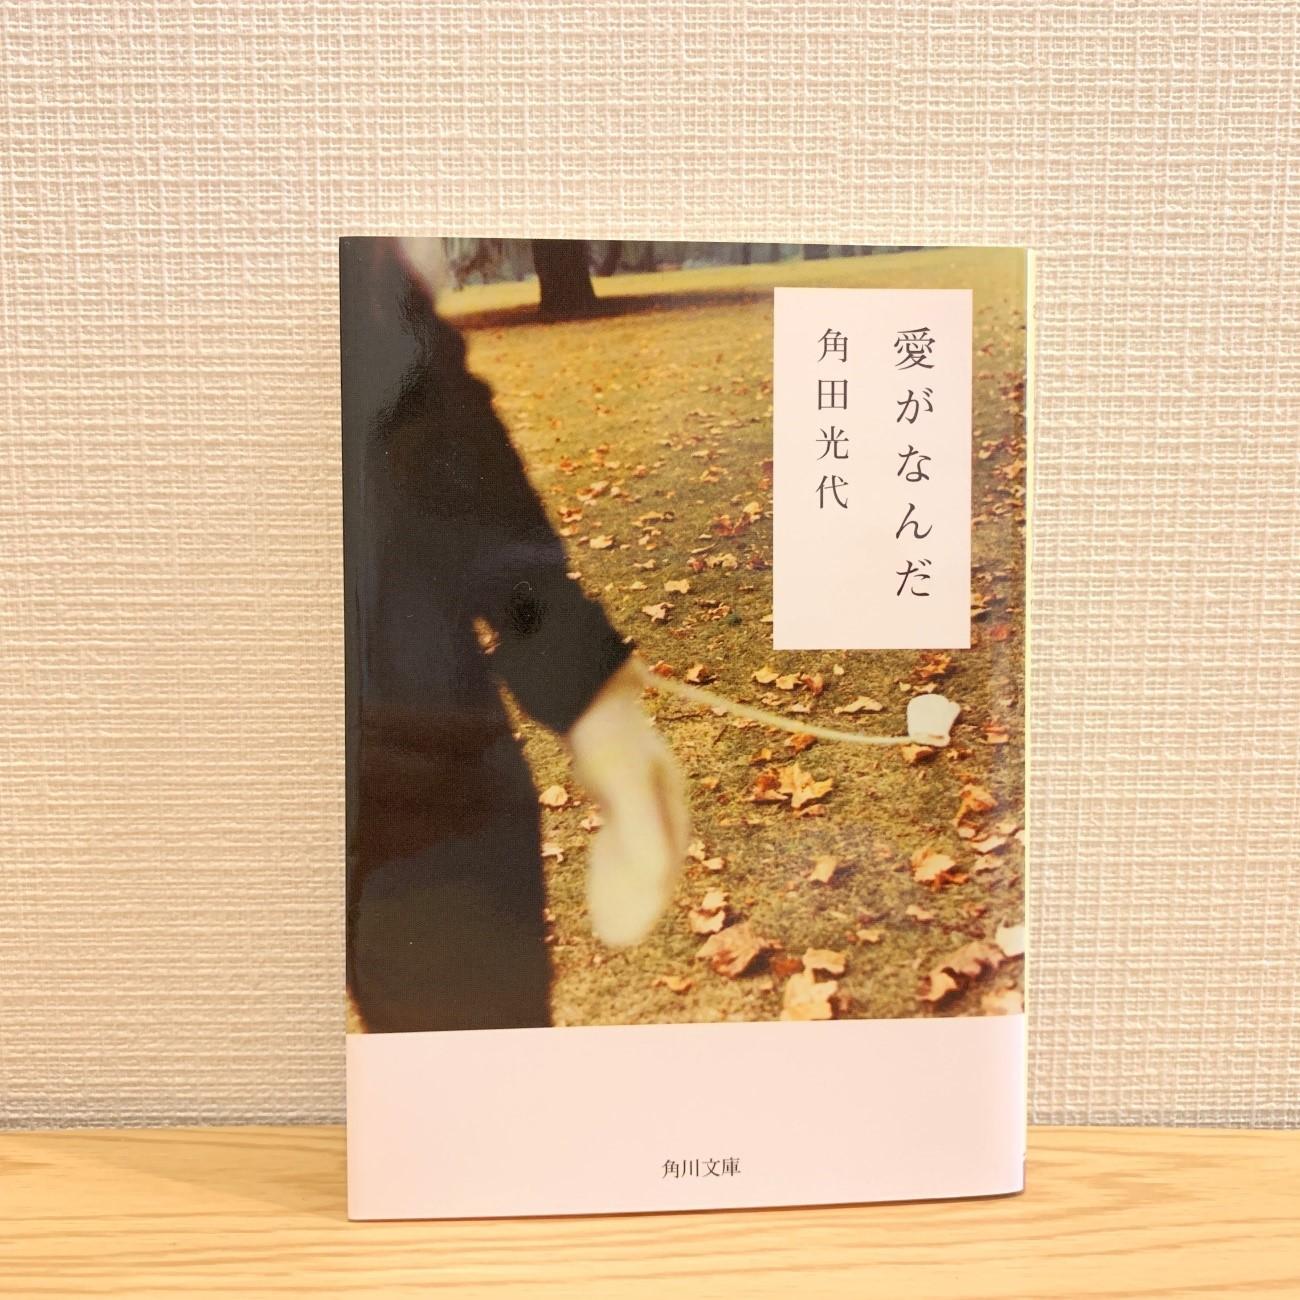 【ノンノ編集部の司書・編集Hの推しBOOK】今こそ読みたい!おすすめ恋愛小説5選_1_1